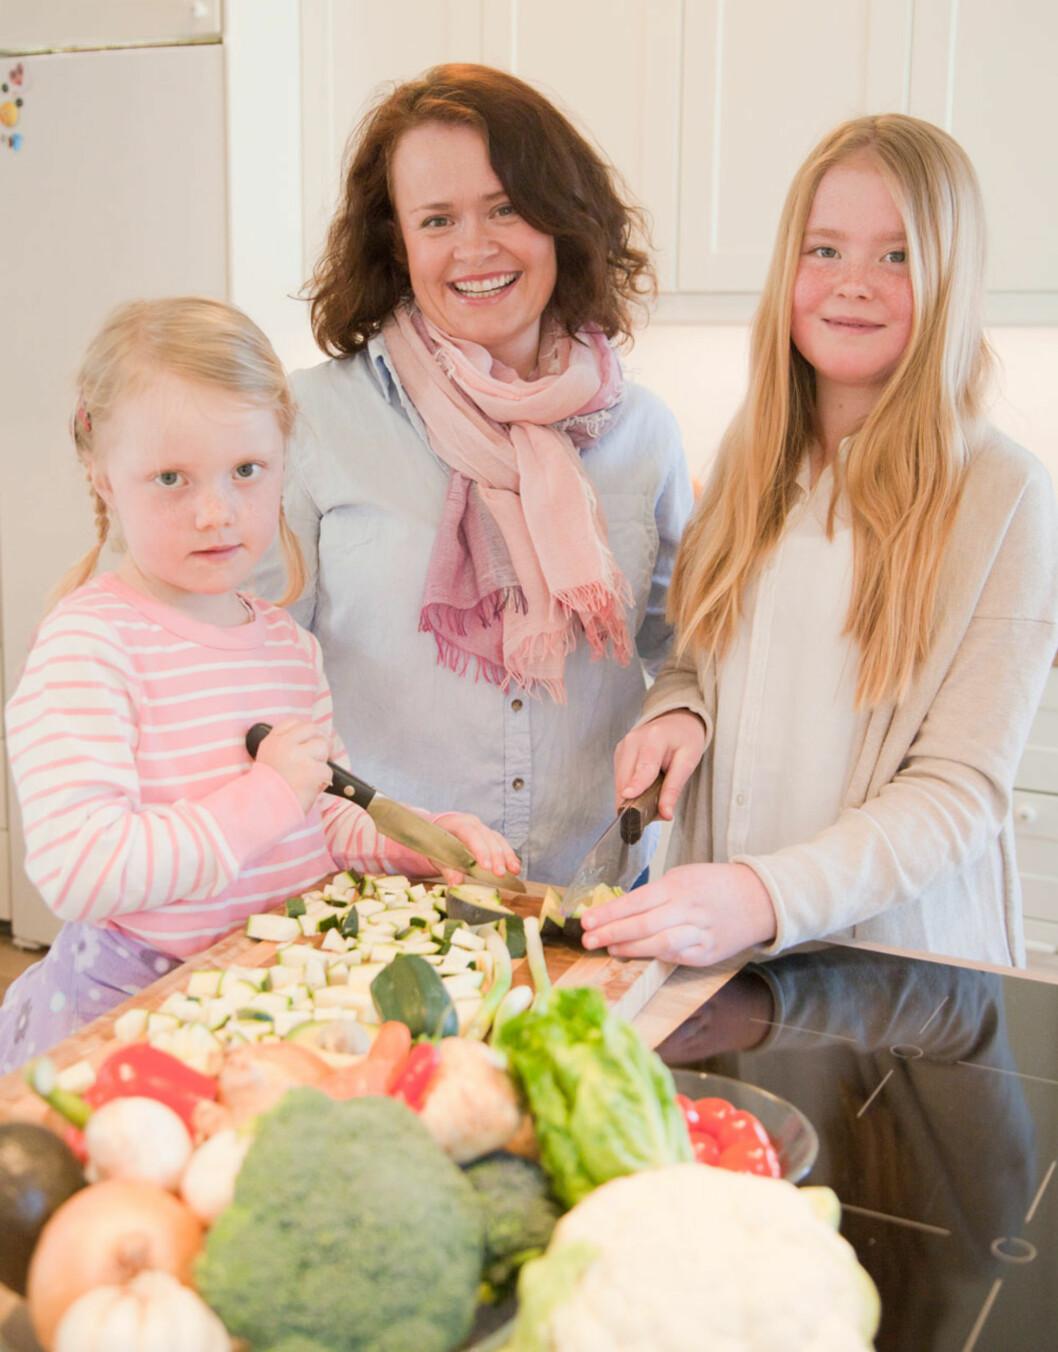 SPISER SUNT: Pia Cecilie engasjerer gjerne barna  Ragnhild (12), Tomine (5) og Johannes (7) på kjøkkenet. Sønnen var ikke hjemme da bildet ble tatt.